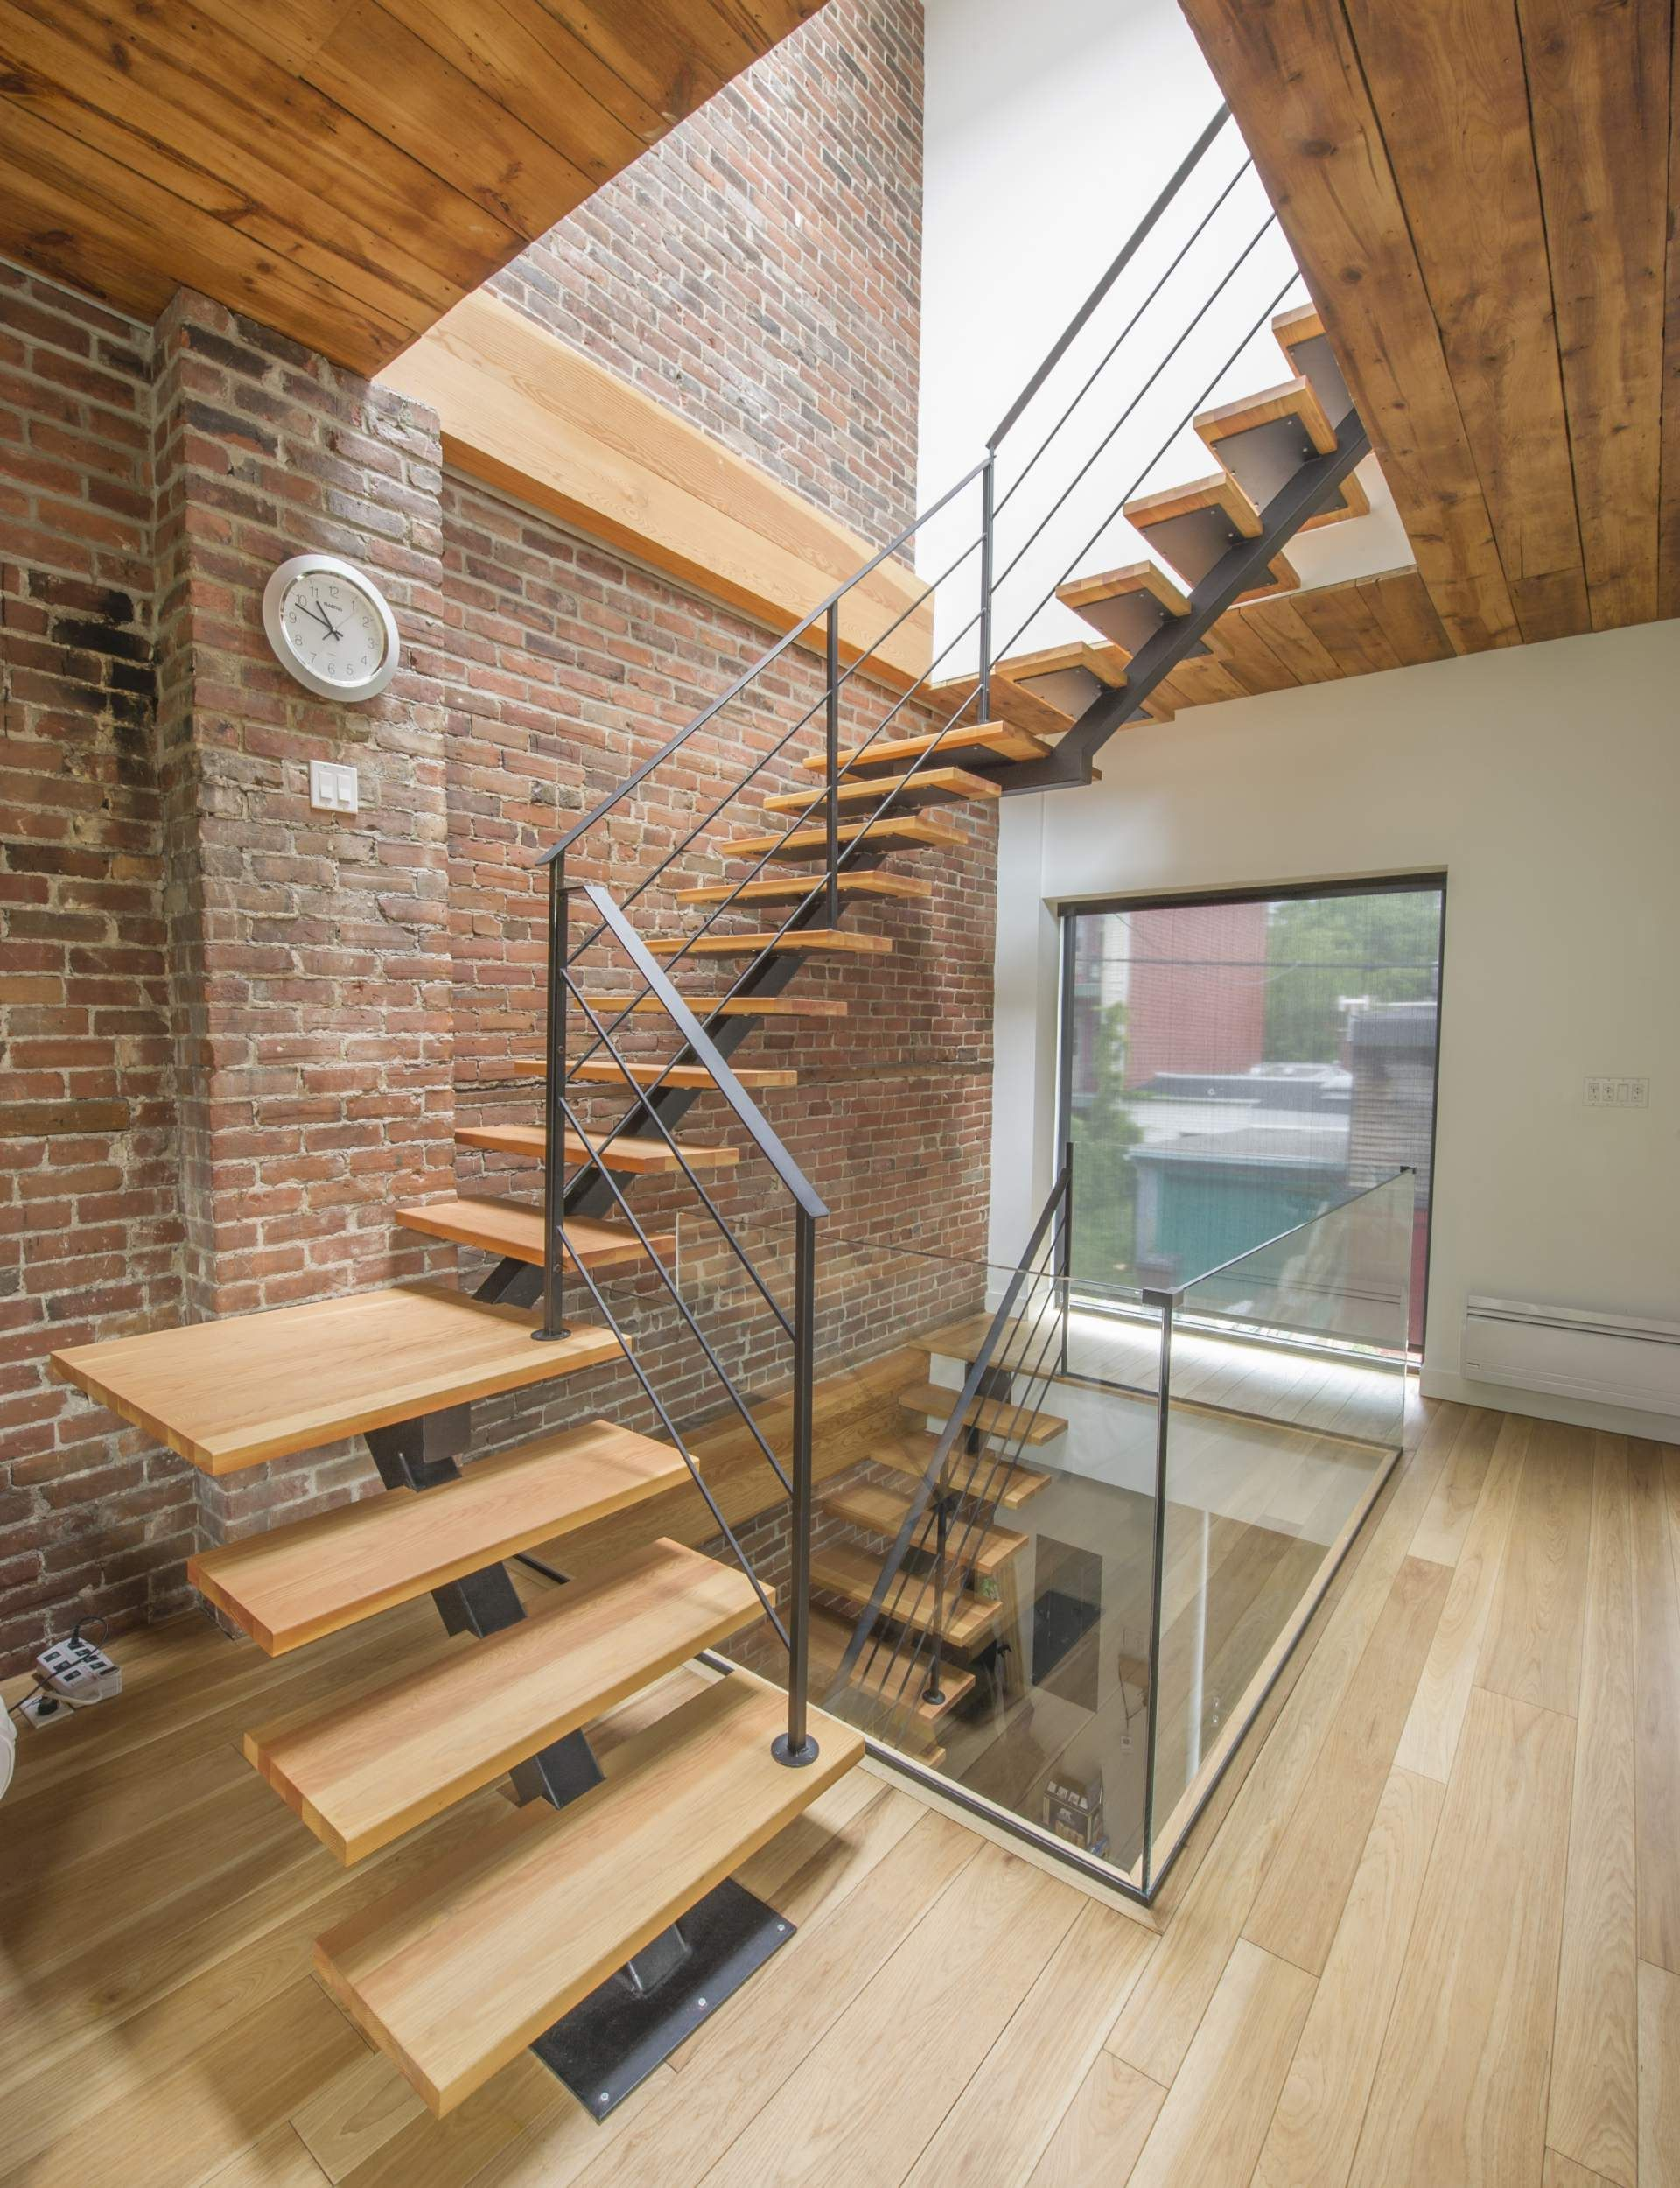 escalier bois et m tal c dre rouge de l 39 ouest maison. Black Bedroom Furniture Sets. Home Design Ideas